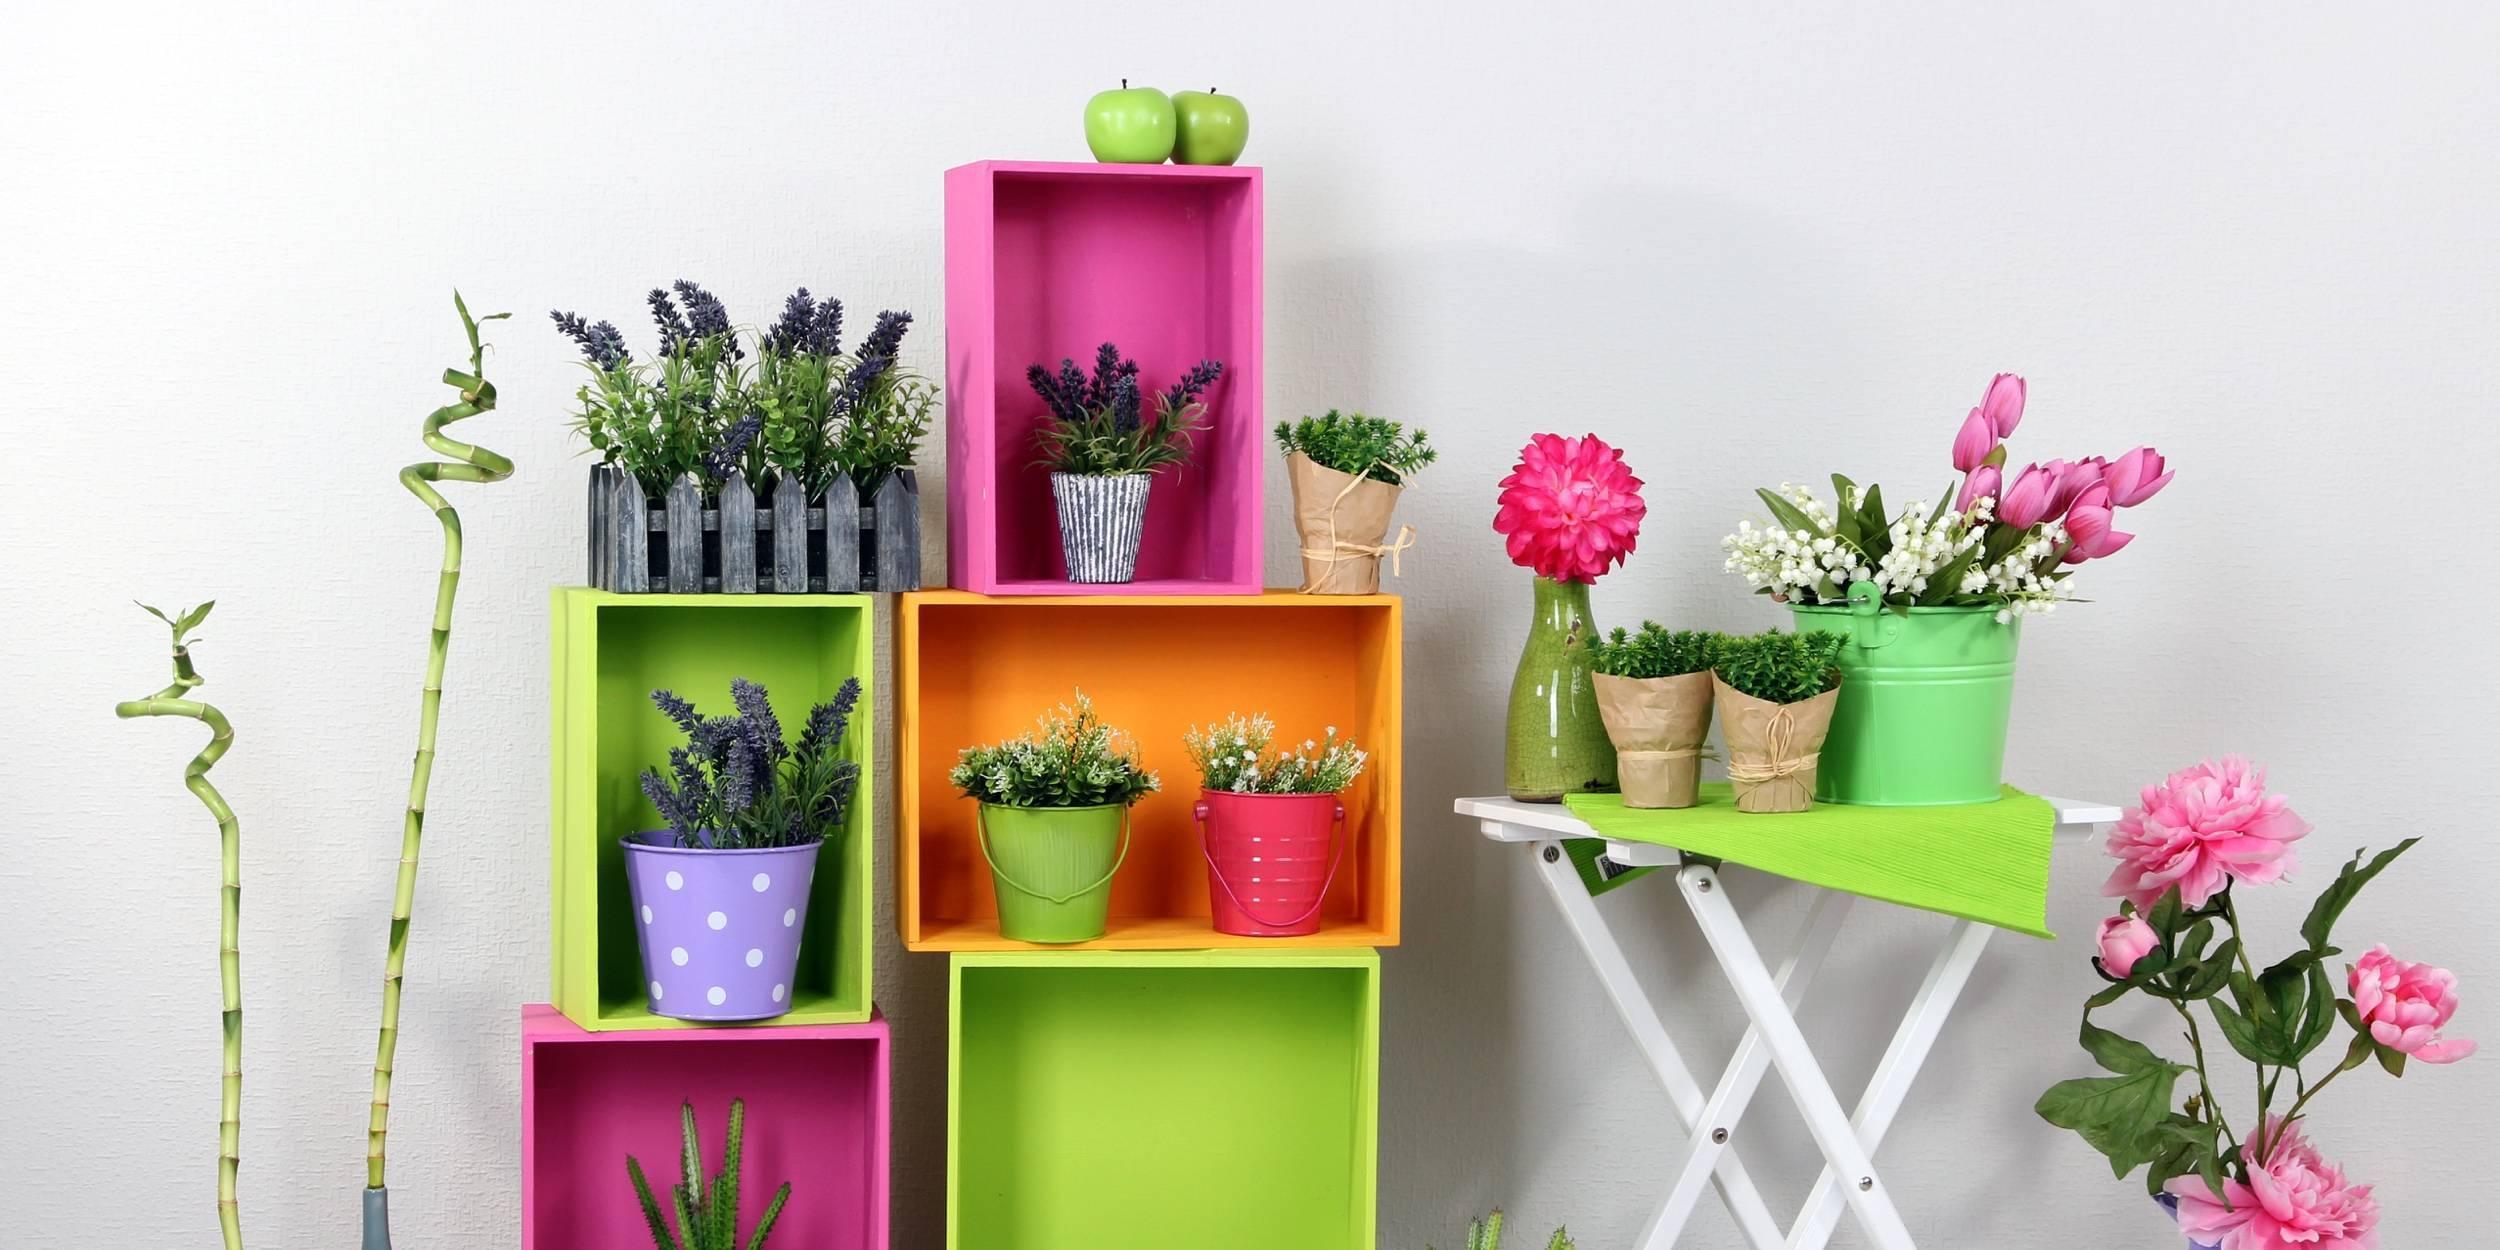 Автополив для комнатных растений – варианты решений